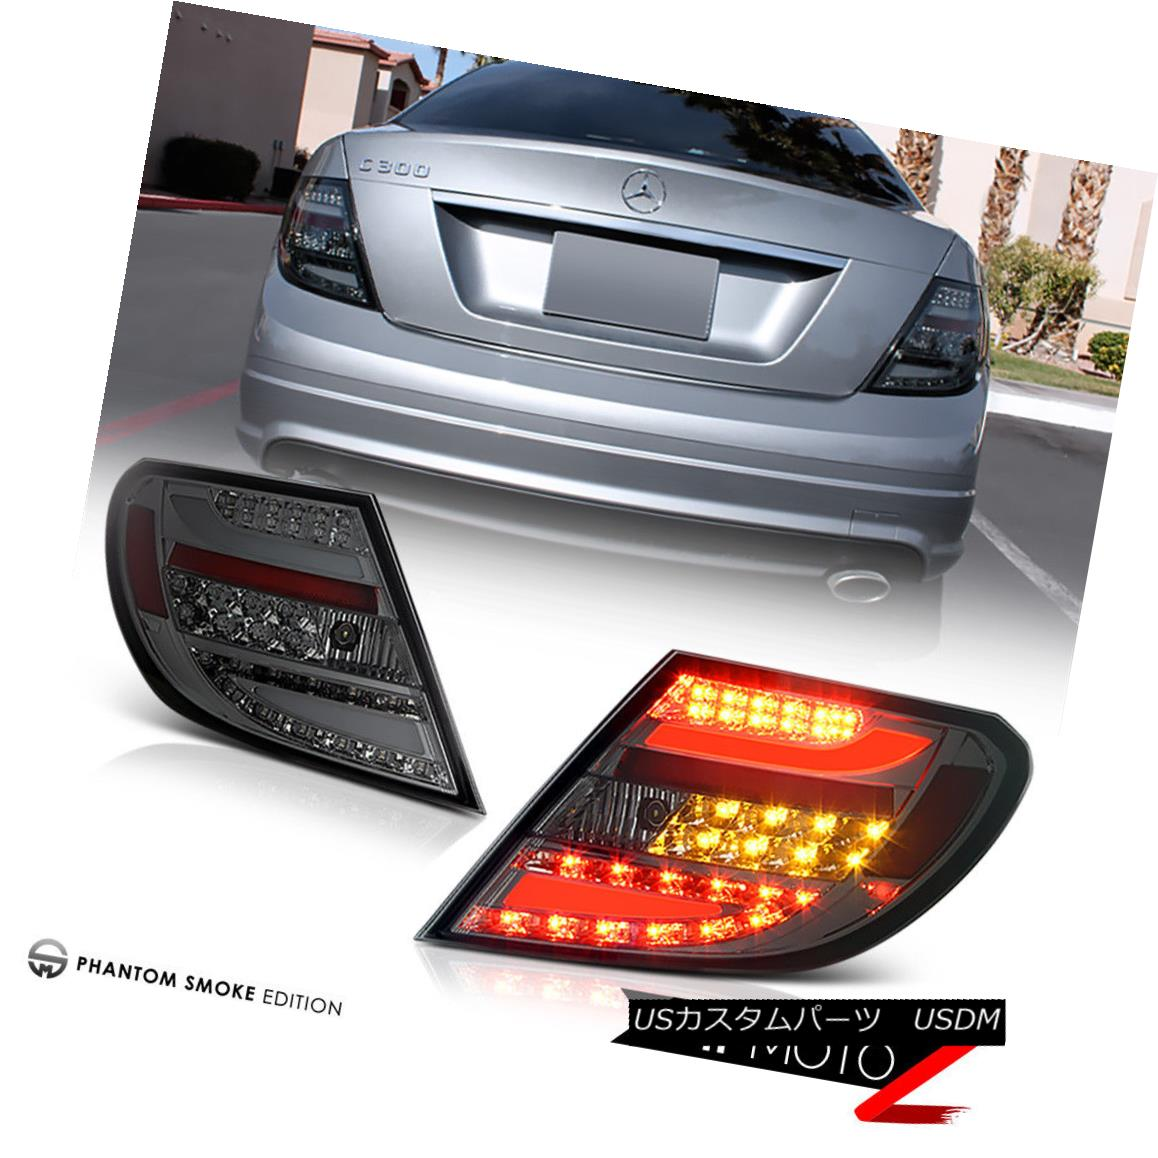 テールライト 08-10 M-Benz W204 C-Class C300 C350 C63 SMOKE LED Brake Signal Lamp Tail Light 08-10 MベンツW204 CクラスC300 C350 C63 SMOKE LEDブレーキ信号ランプテールライト